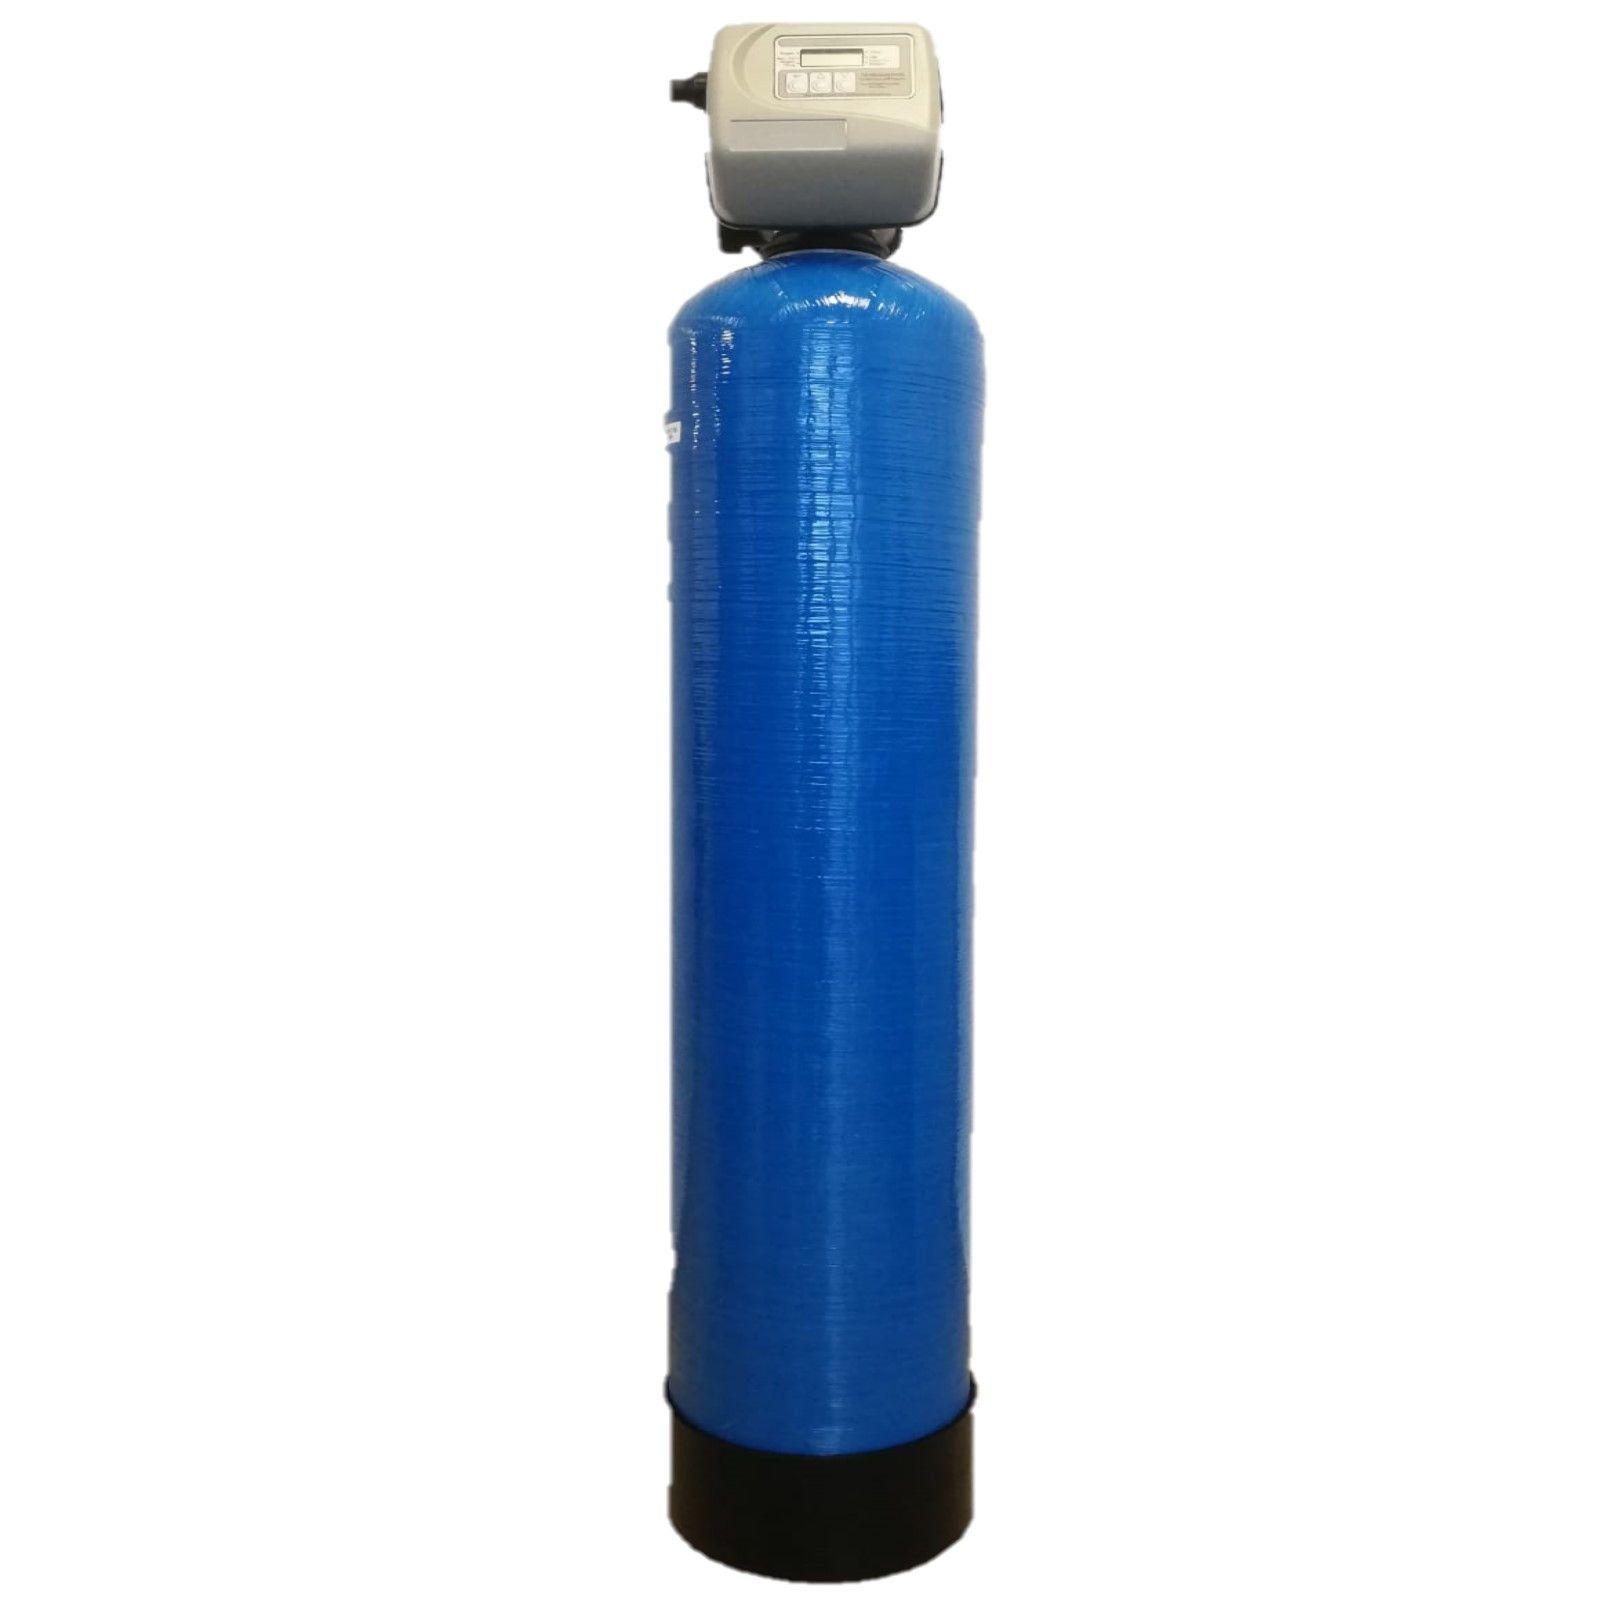 Filtru apa automat cu zeolit Clack SUA TC 45, Debit 3.15 mc/h, Capacitate filtrare 60.000 litri, Cartus din Rasina  - AquaFilters.ro